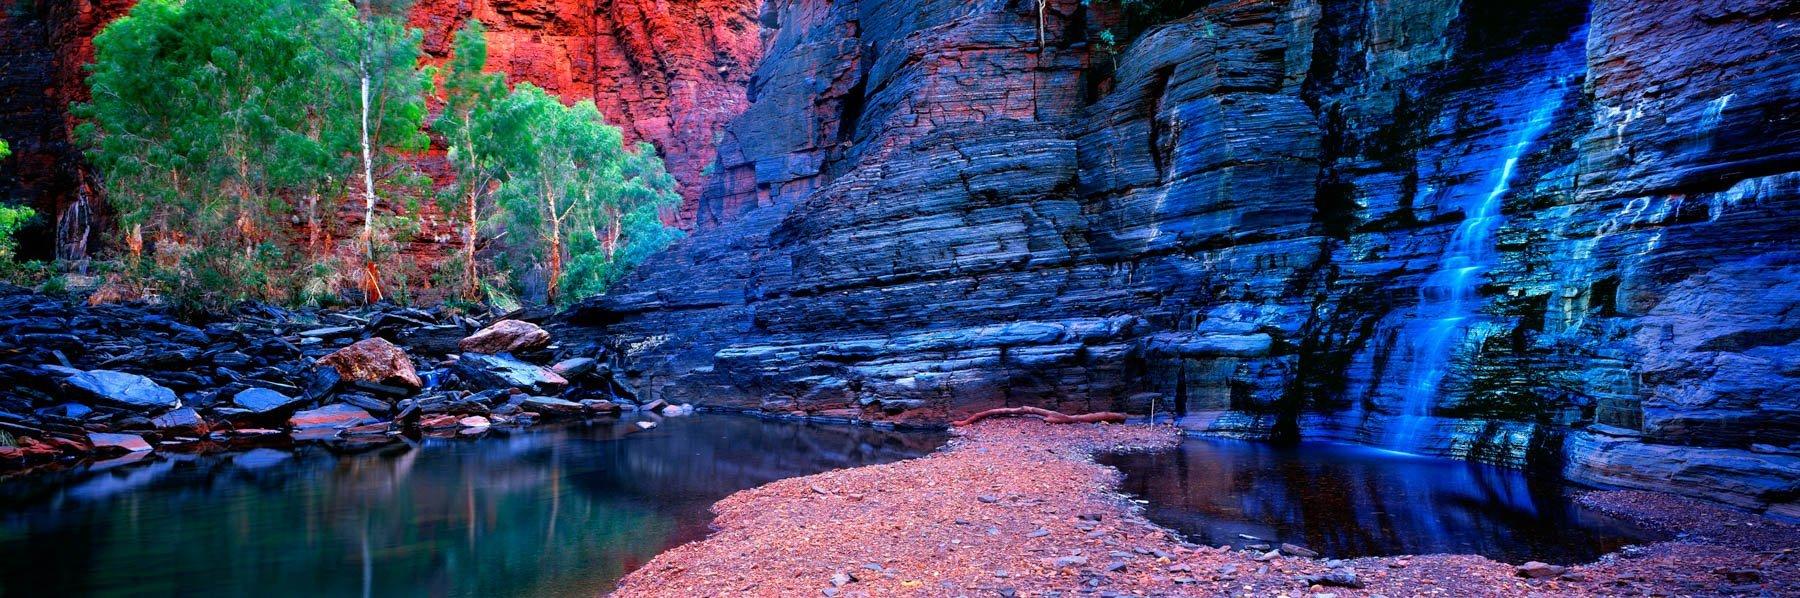 Junction Pool, Karijini National Park, WA, Australia.